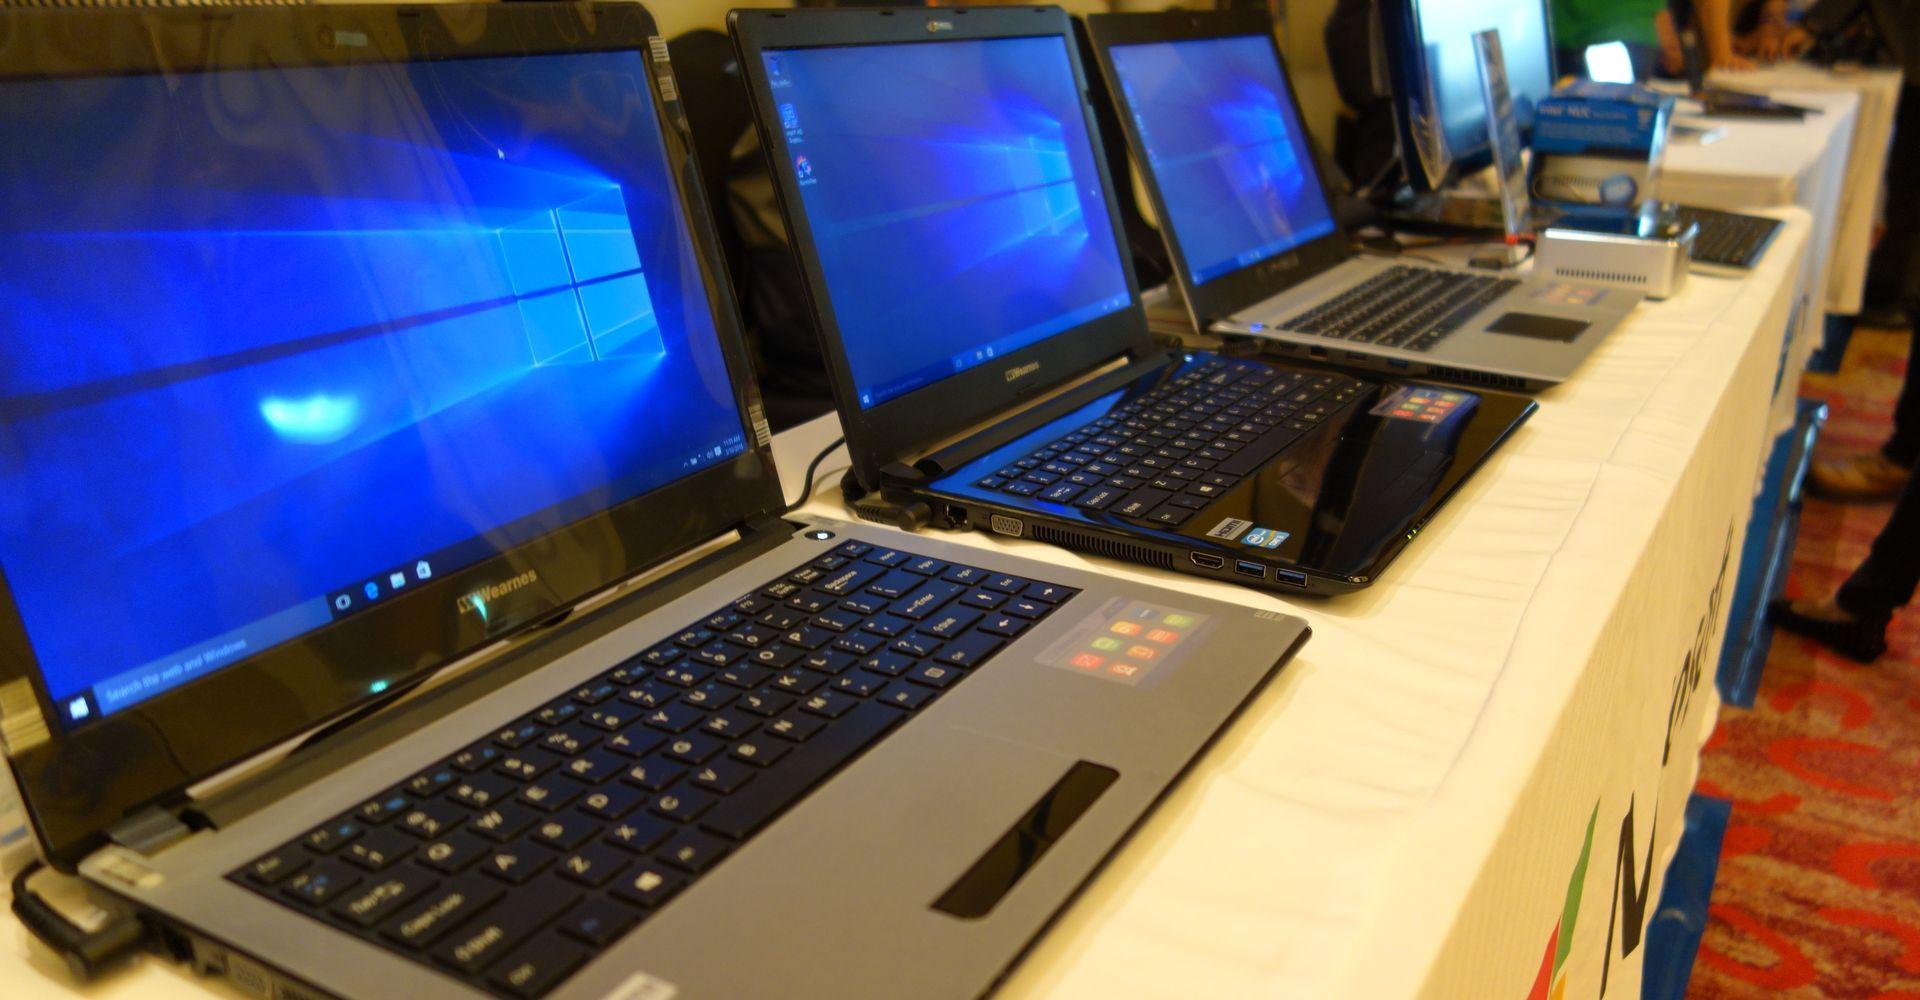 Bingung Pilih Mana Antara Laptop Dan Notebook? Yuk Cari Tau Kelebihan Dan Kekurangan Dari Masing-Masing Produk!